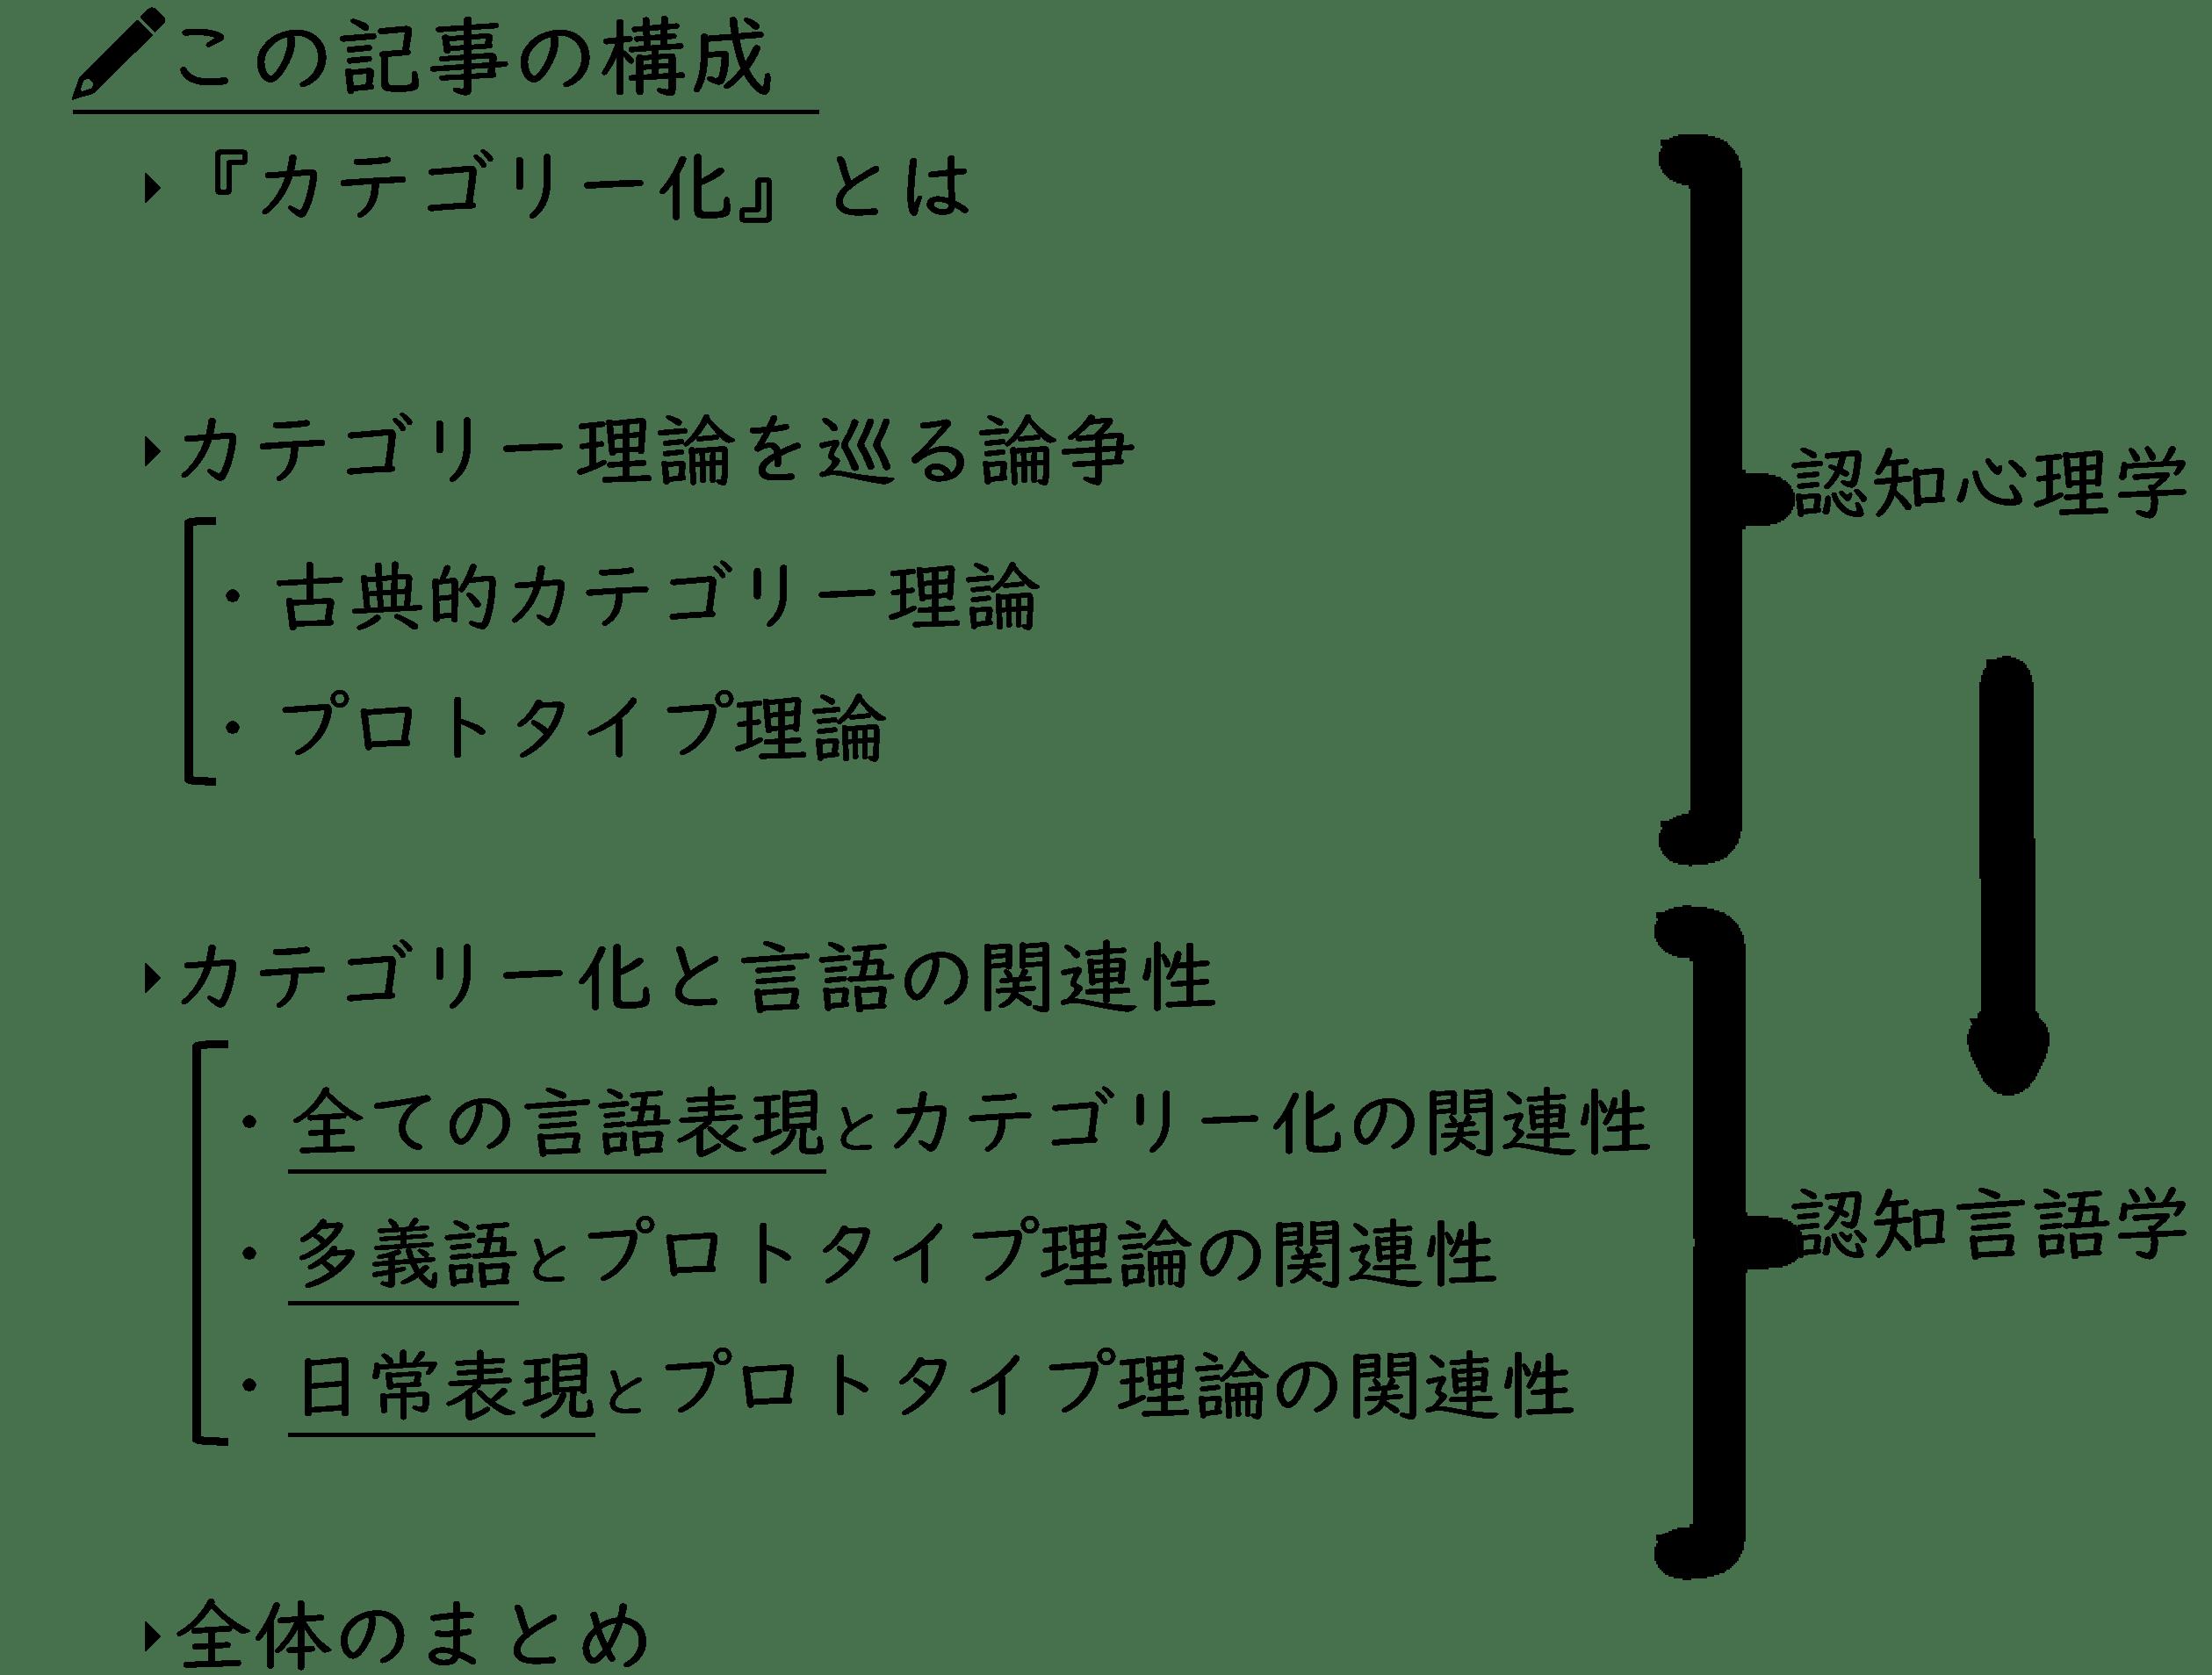 この記事の構成(カテゴリー化)